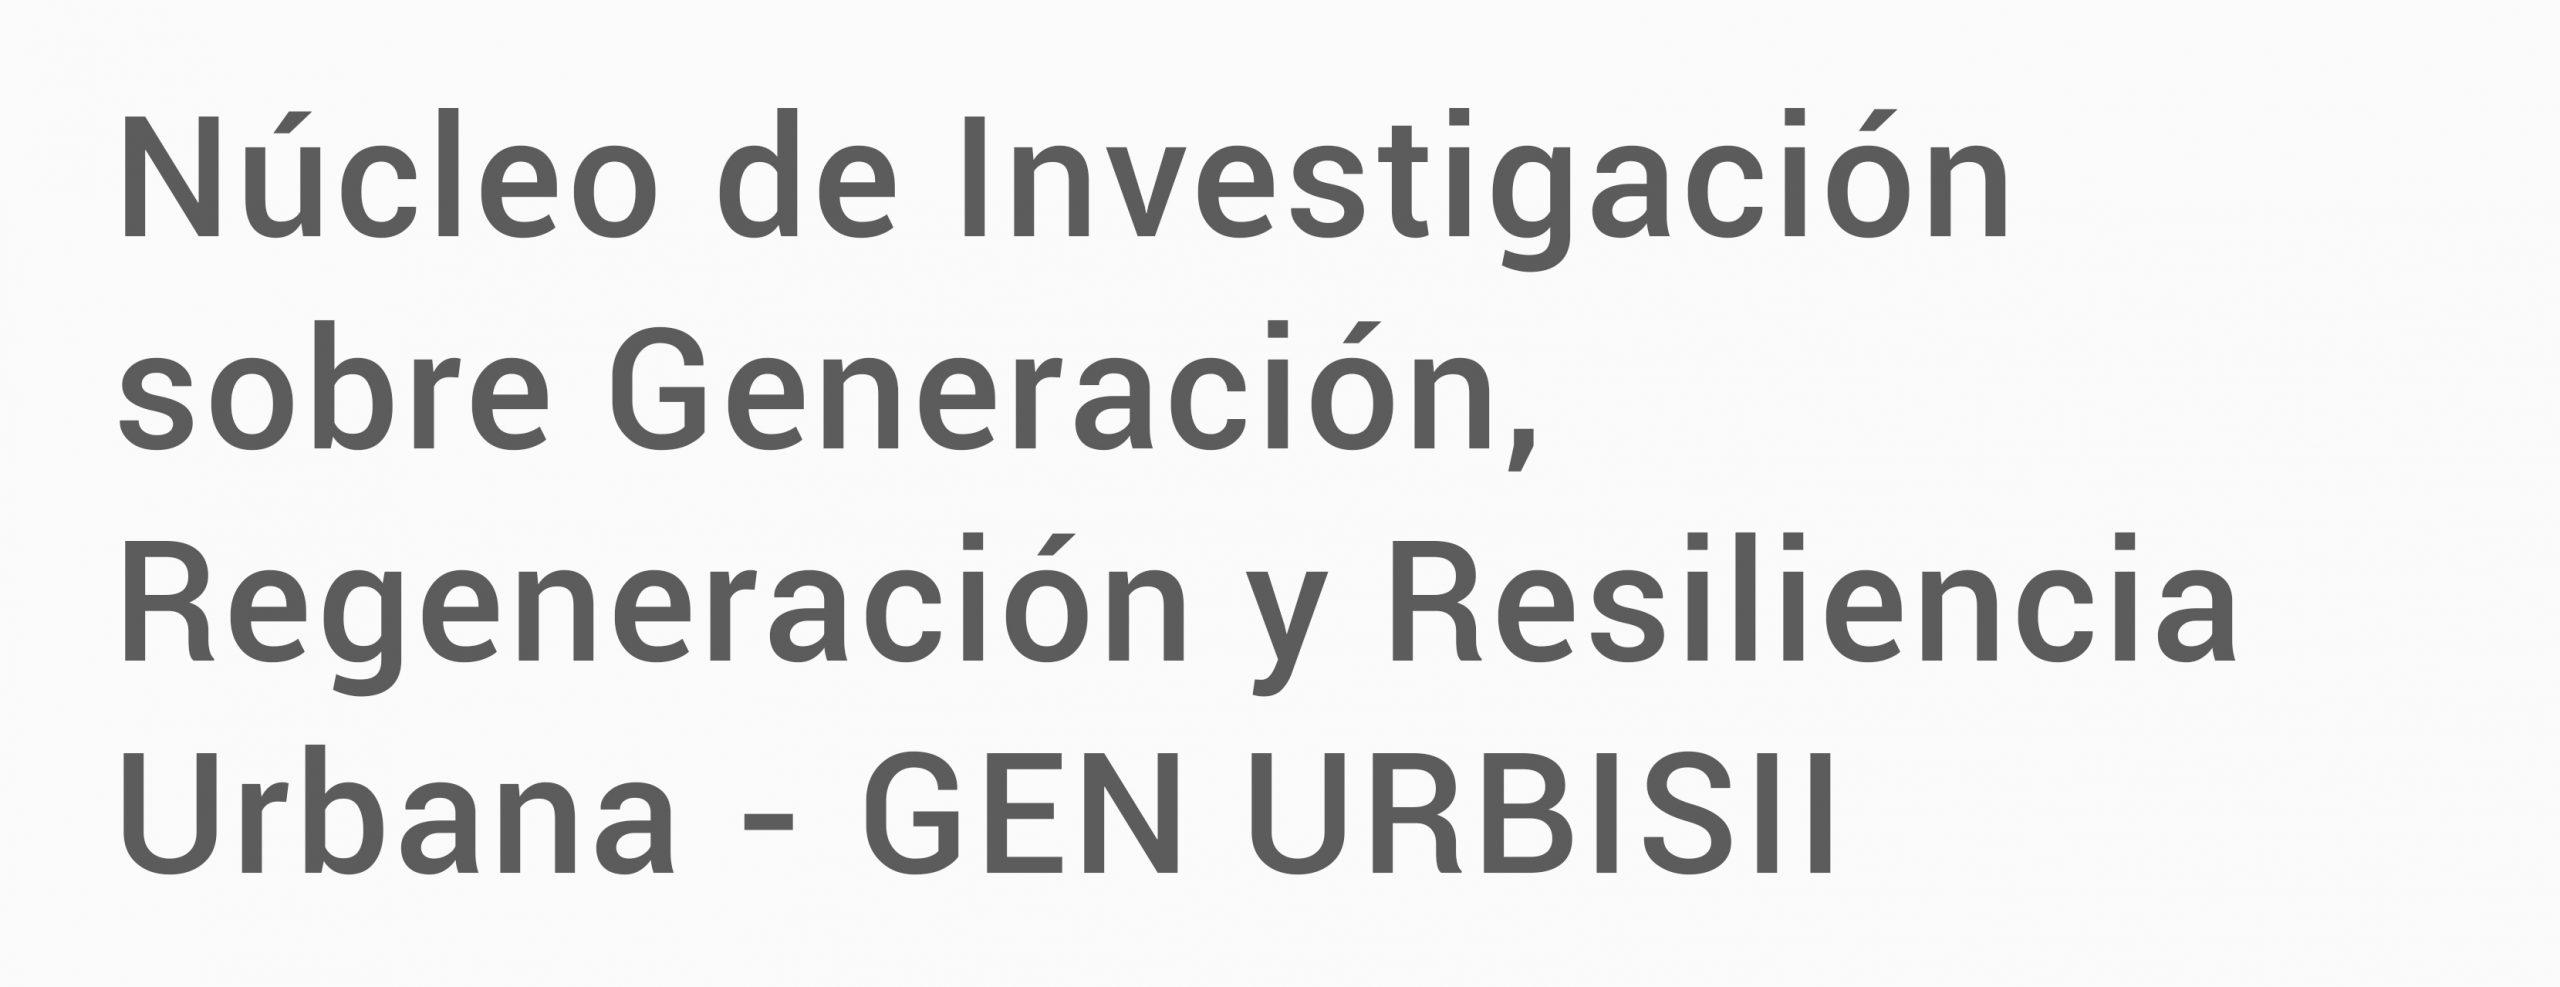 Núcleo de Investigación sobre generación, regeneración y resiliencia urbana - GEN URBISII